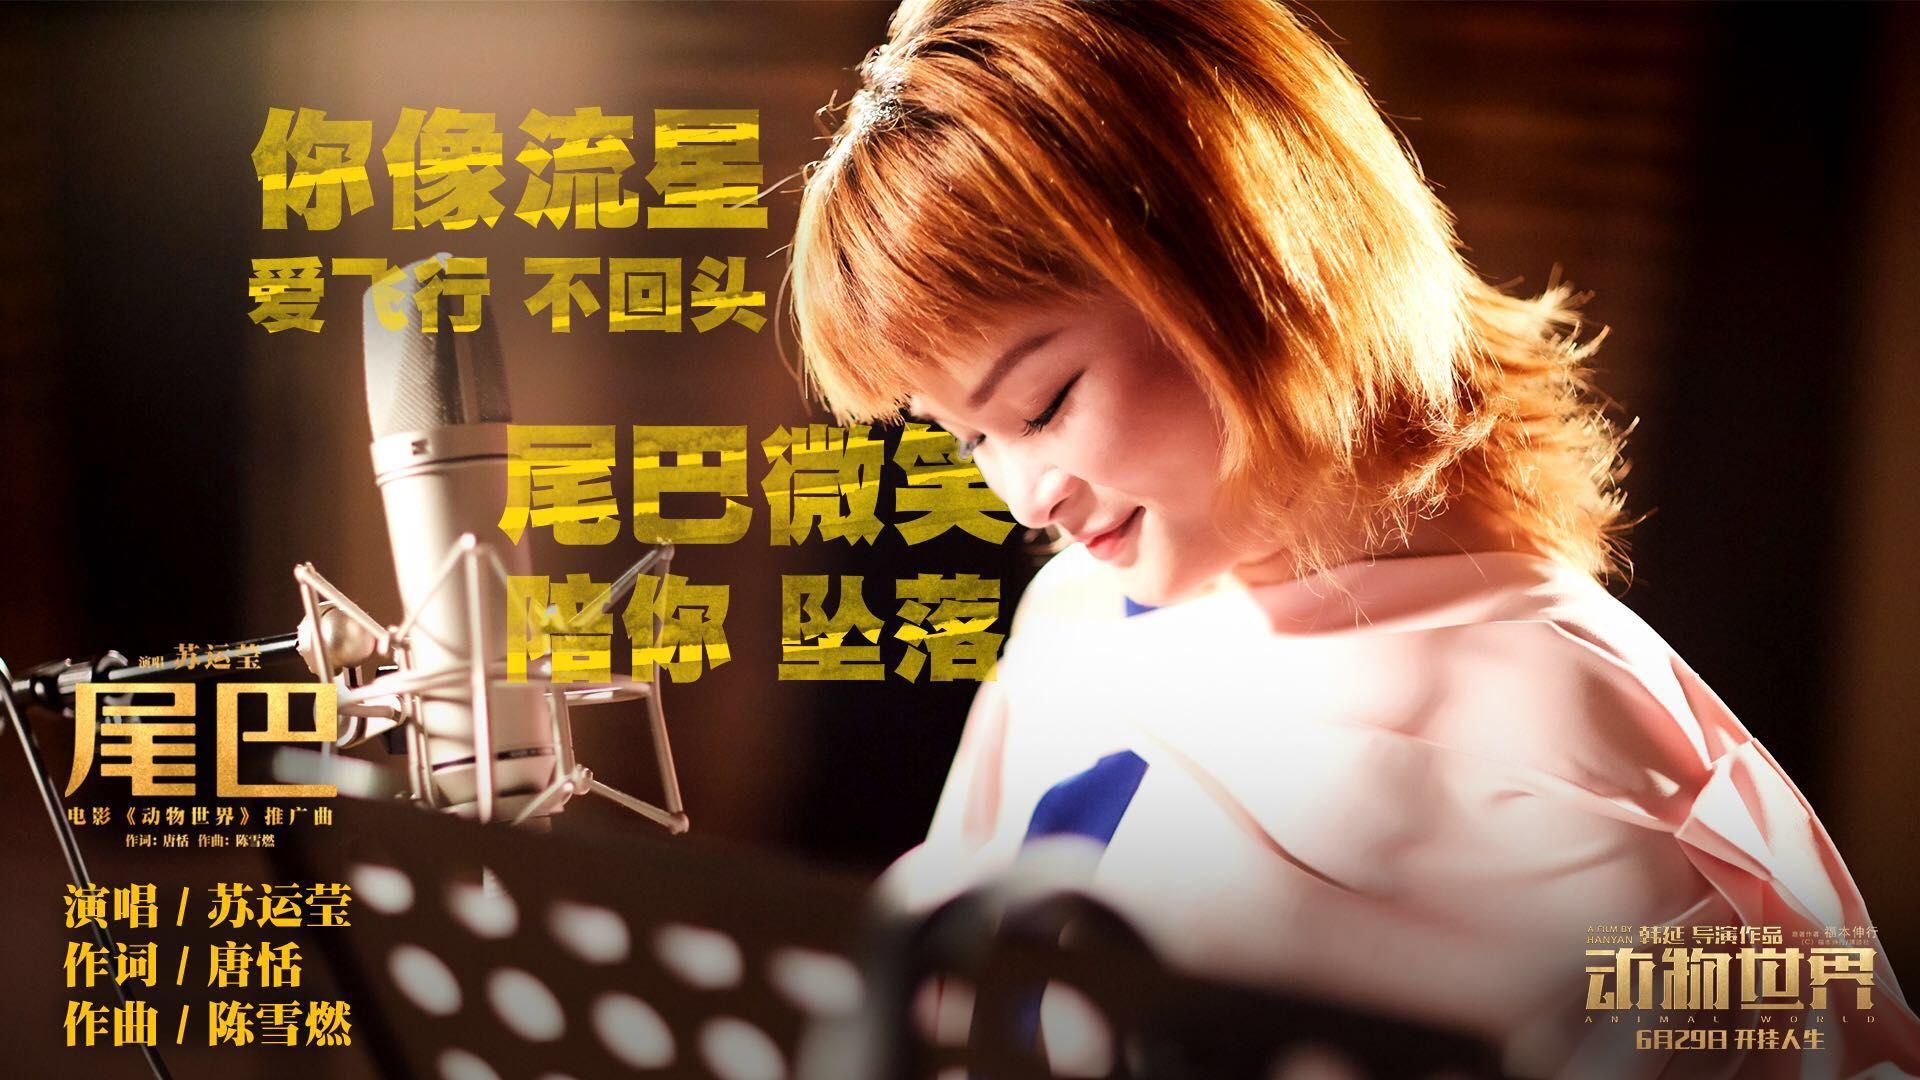 李易峰求婚周冬雨 苏运莹献唱电影《动物世界》